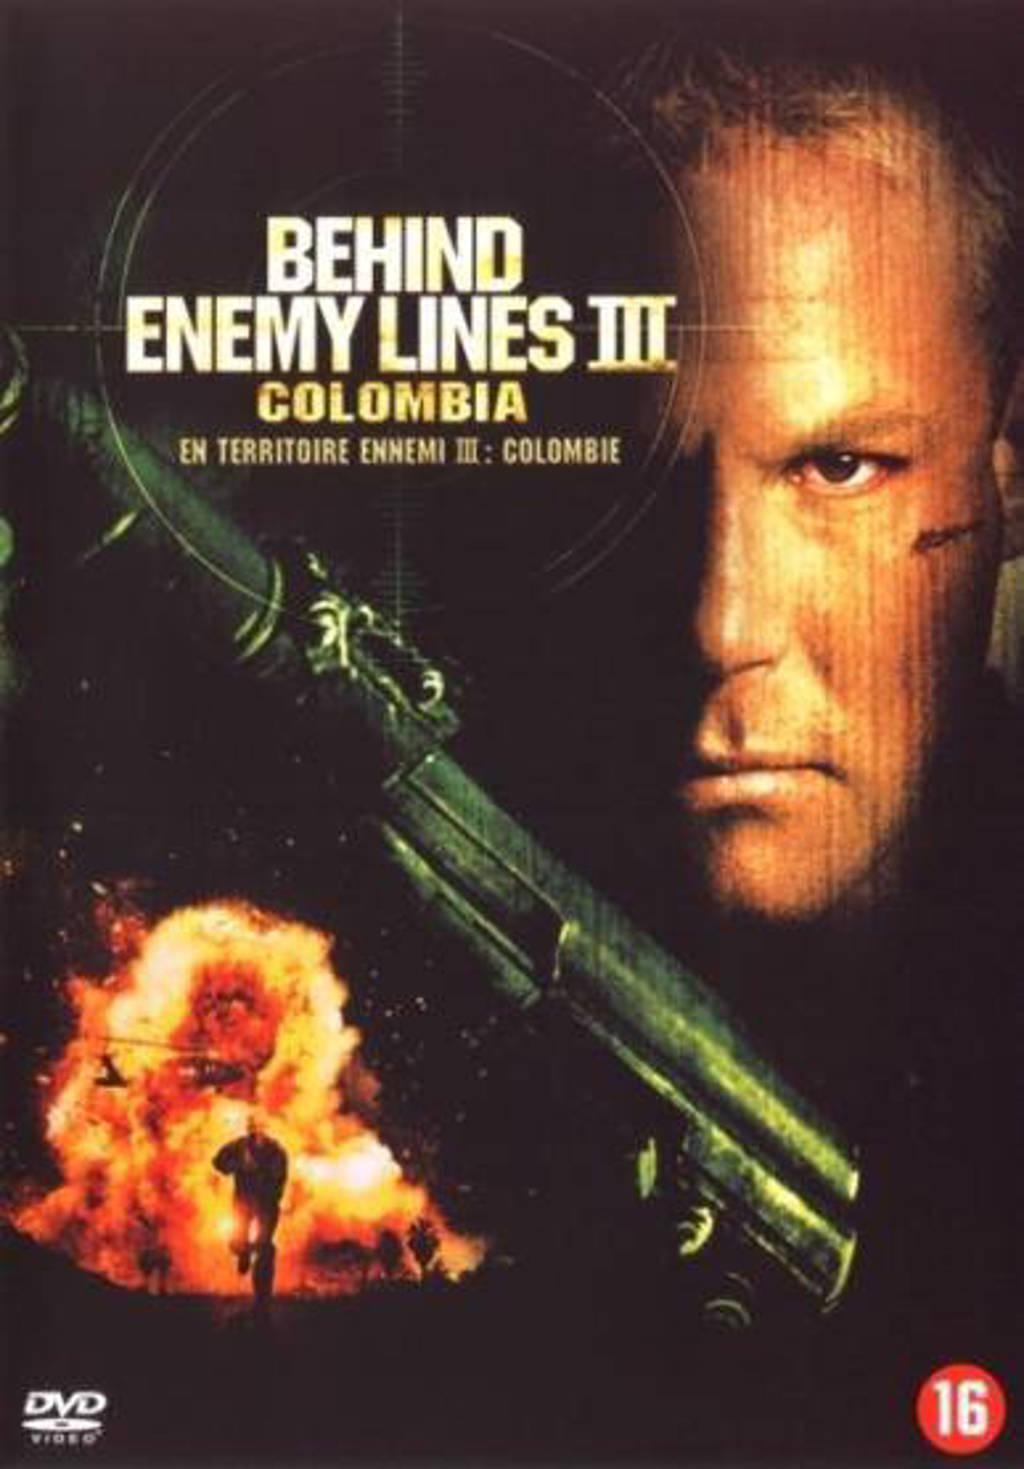 Behind enemy lines 3 - Columbia (DVD)